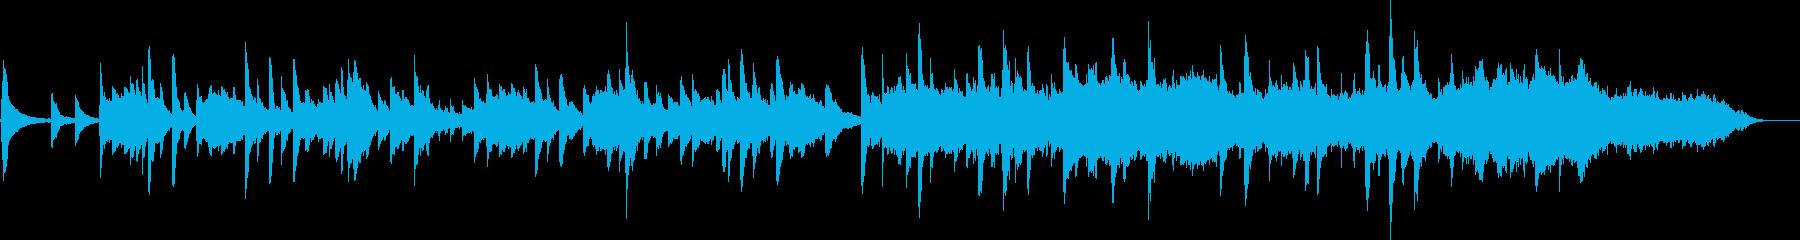 優しいアコギの奏の再生済みの波形